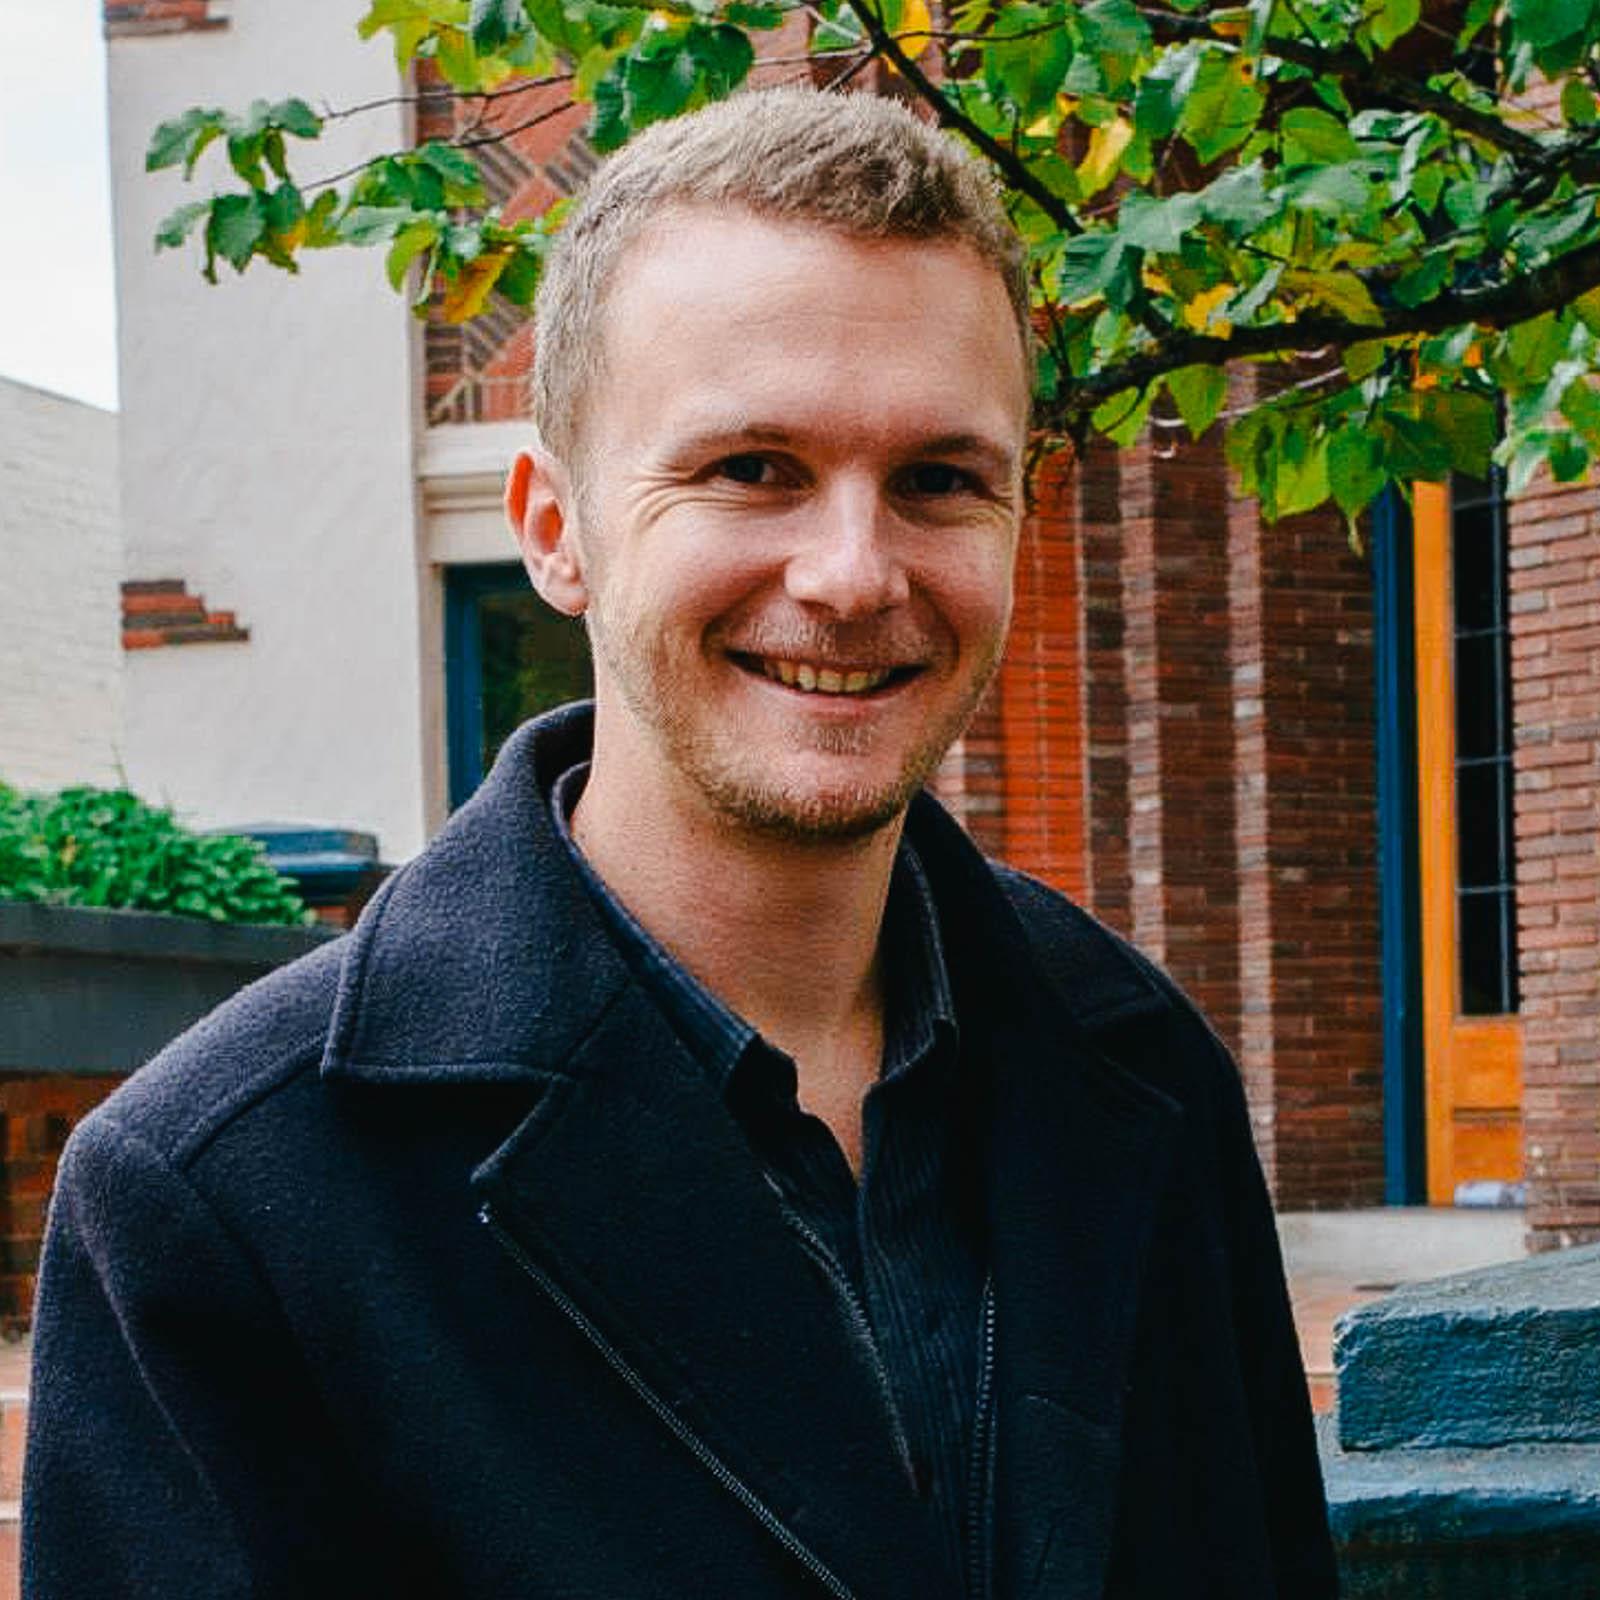 Aaron de Waal | Member